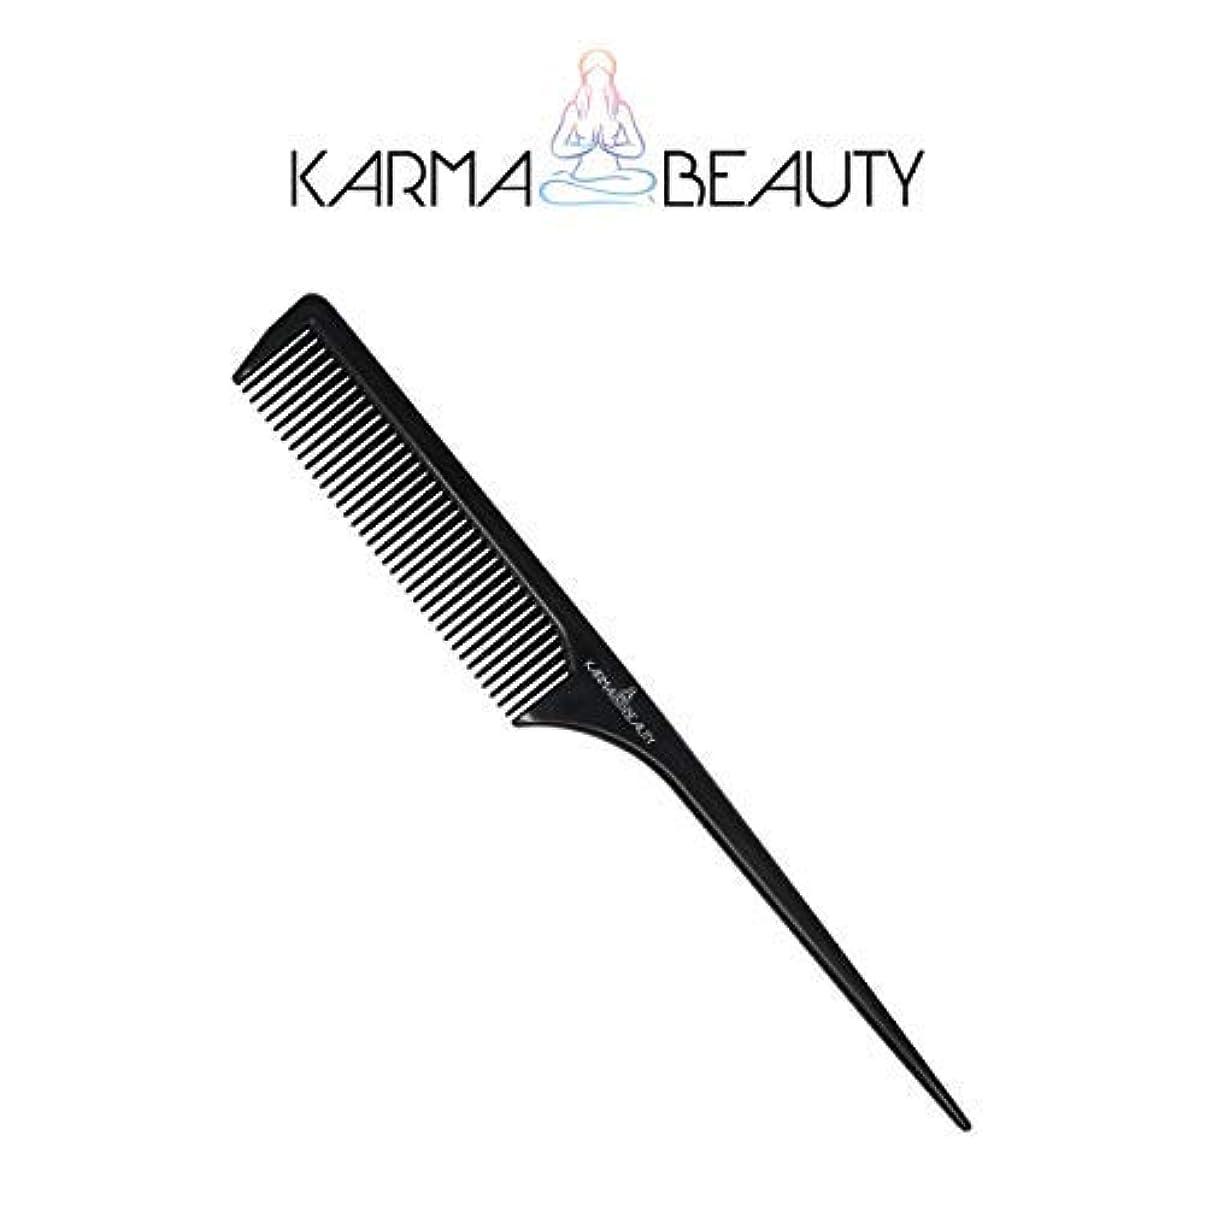 ベルト結婚した裏切るTail Comb | Fine Tooth Hair Comb | Thin and Long Handle | Teasing Comb | For All Hair Type | Karma Beauty | (Black) [並行輸入品]